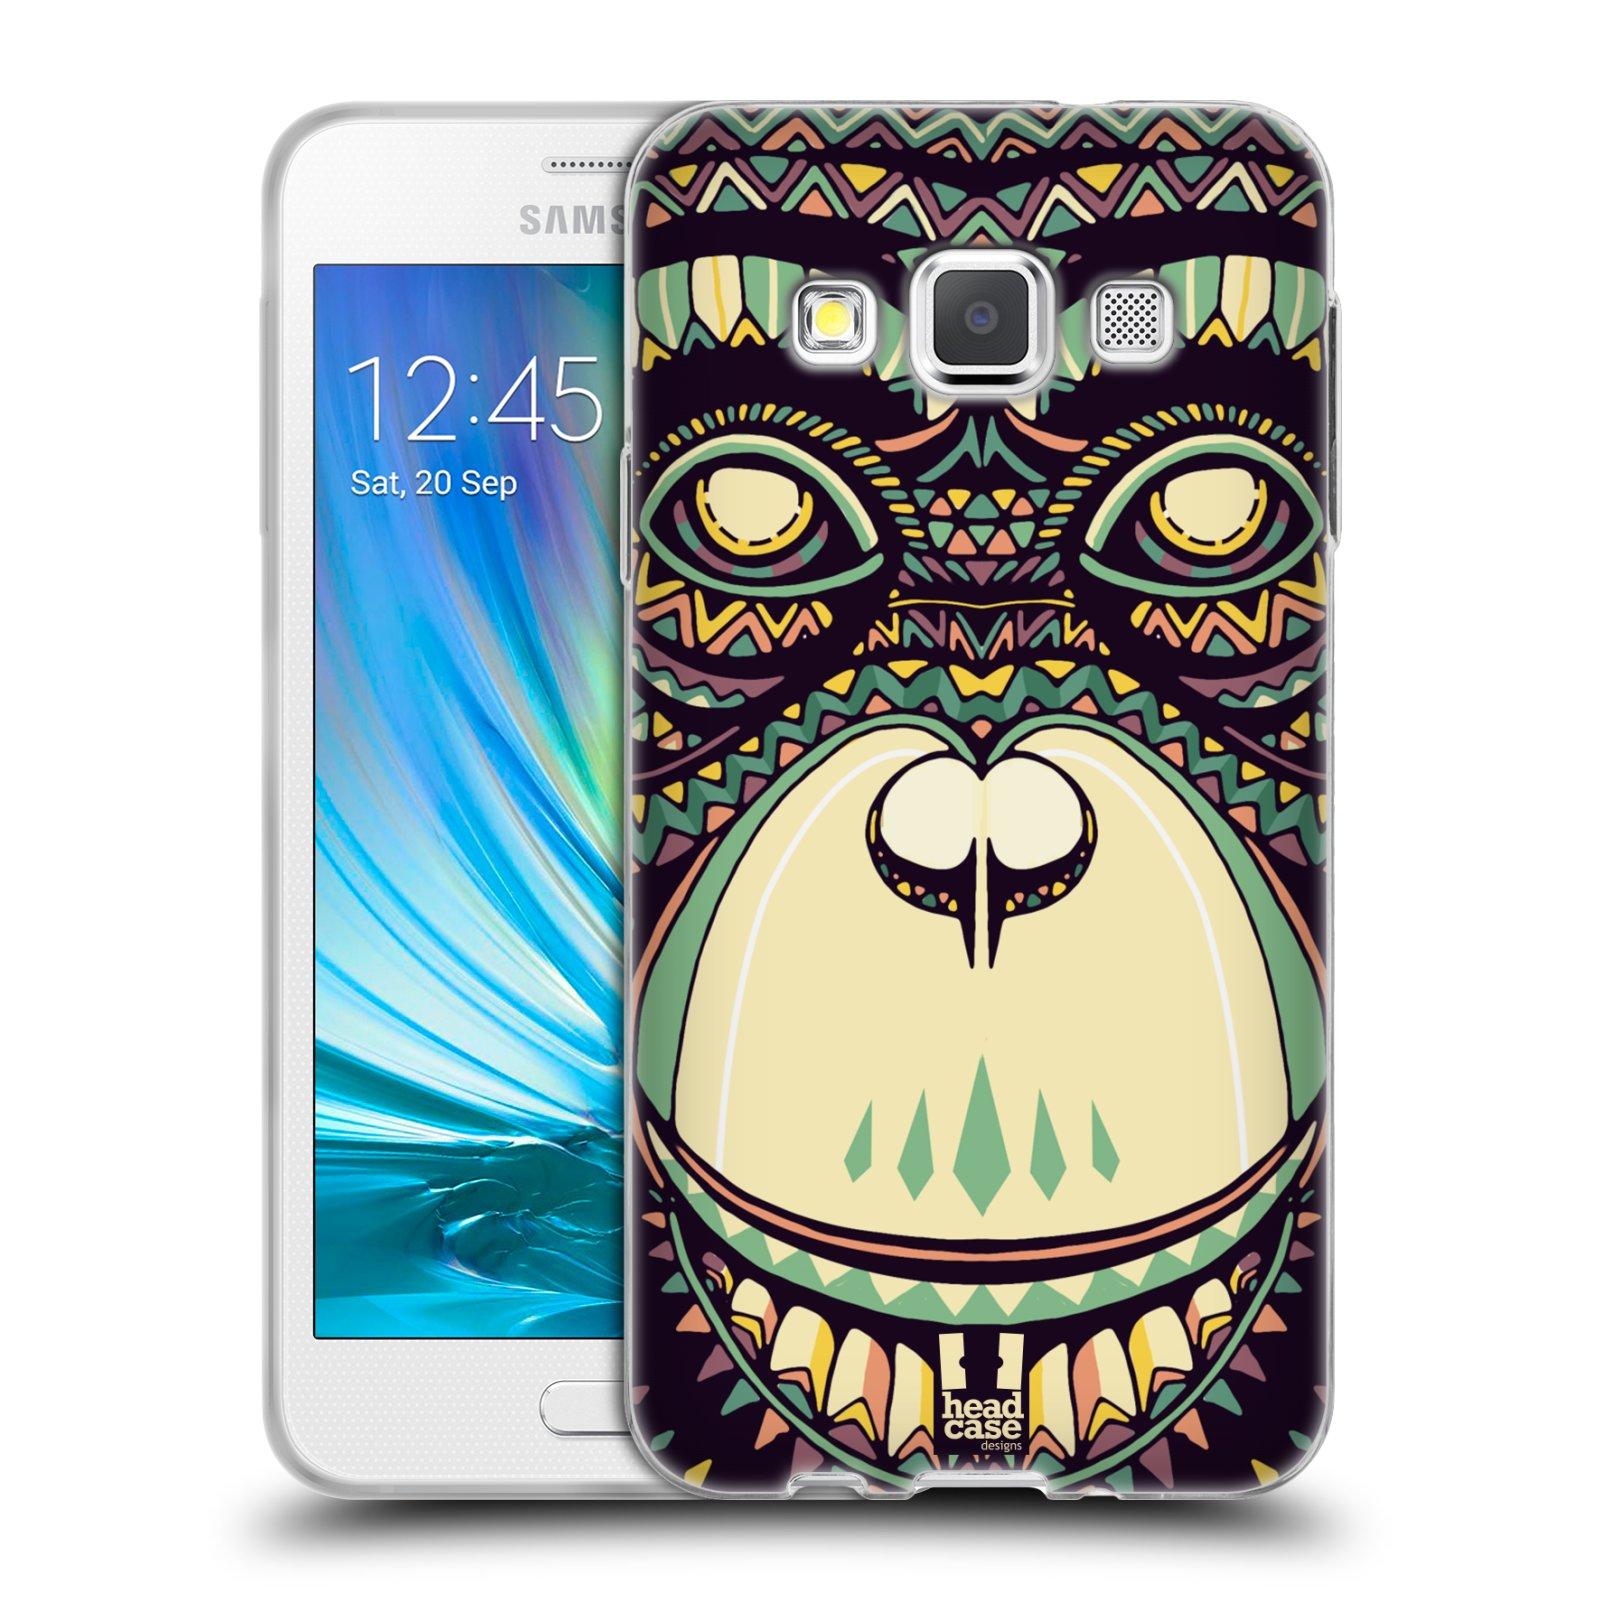 Silikonové pouzdro na mobil Samsung Galaxy A3 HEAD CASE AZTEC ŠIMPANZ (Silikonový kryt či obal na mobilní telefon Samsung Galaxy A3 SM-A300)